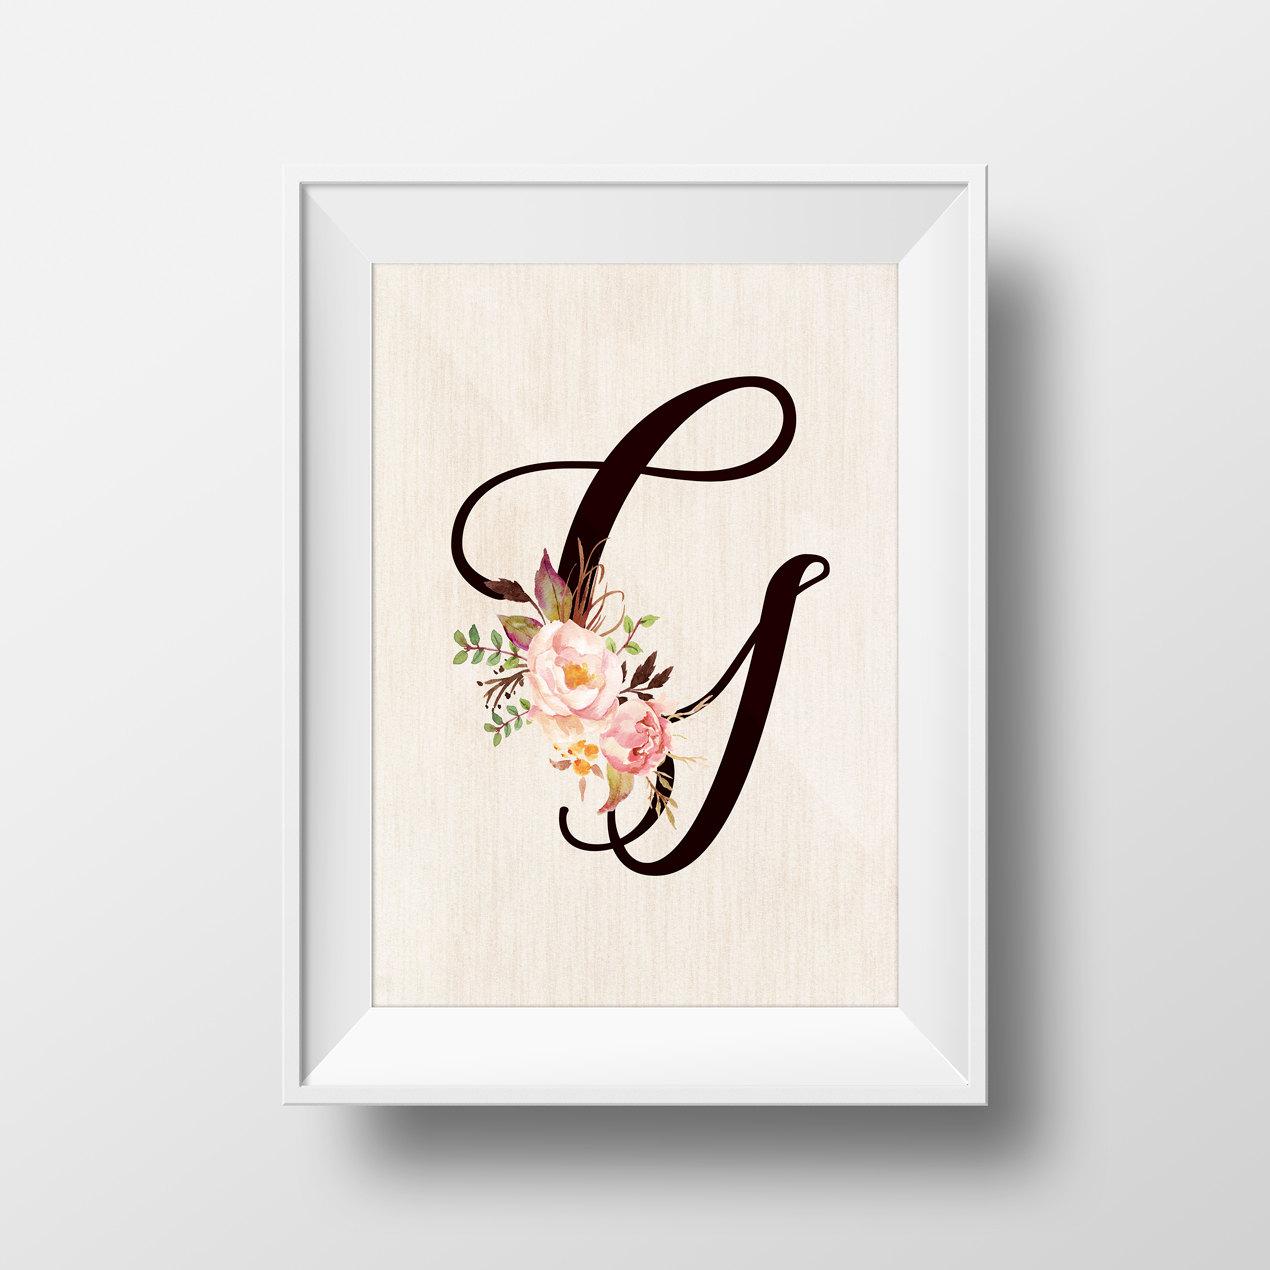 Shop Floral Monograms At Littlebrownnest Etsy Com: Floral Monogram Letter G Wedding Kids Initials Baby Shower